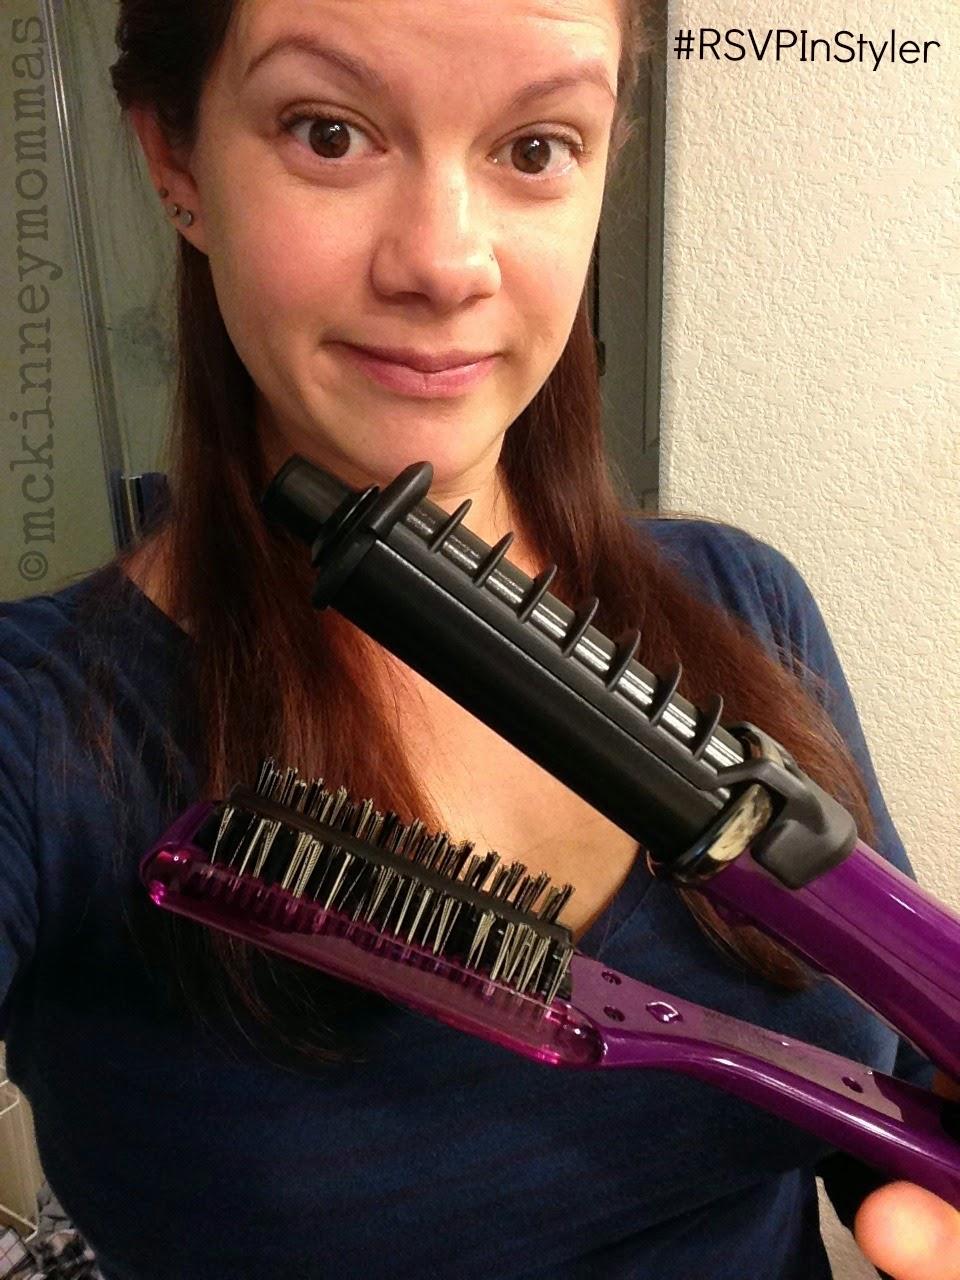 Max 2-way Rotating Rion, hair styling tools